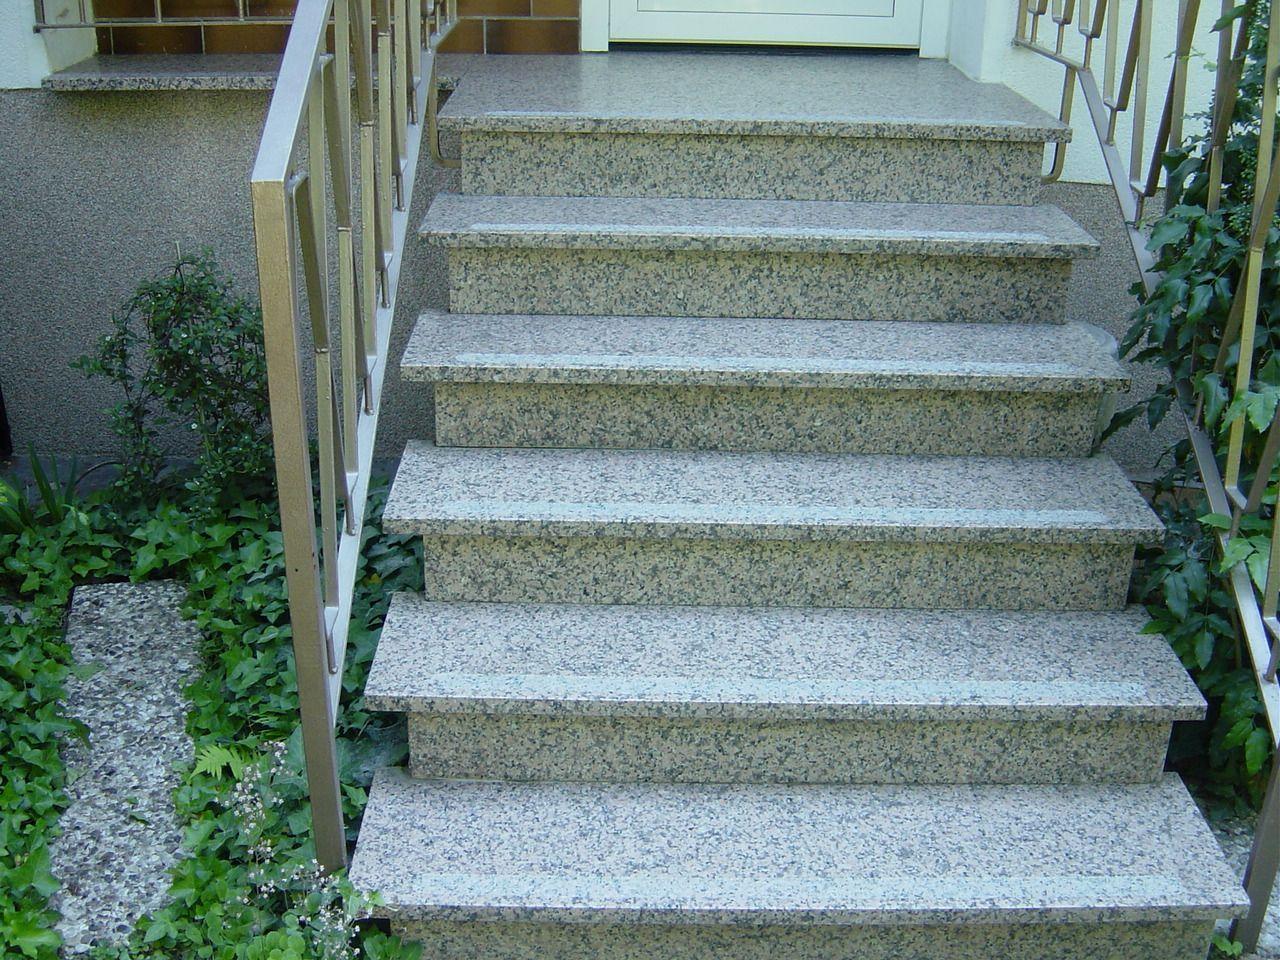 Eingangstreppe aus Granit mit gestocktem Streifen